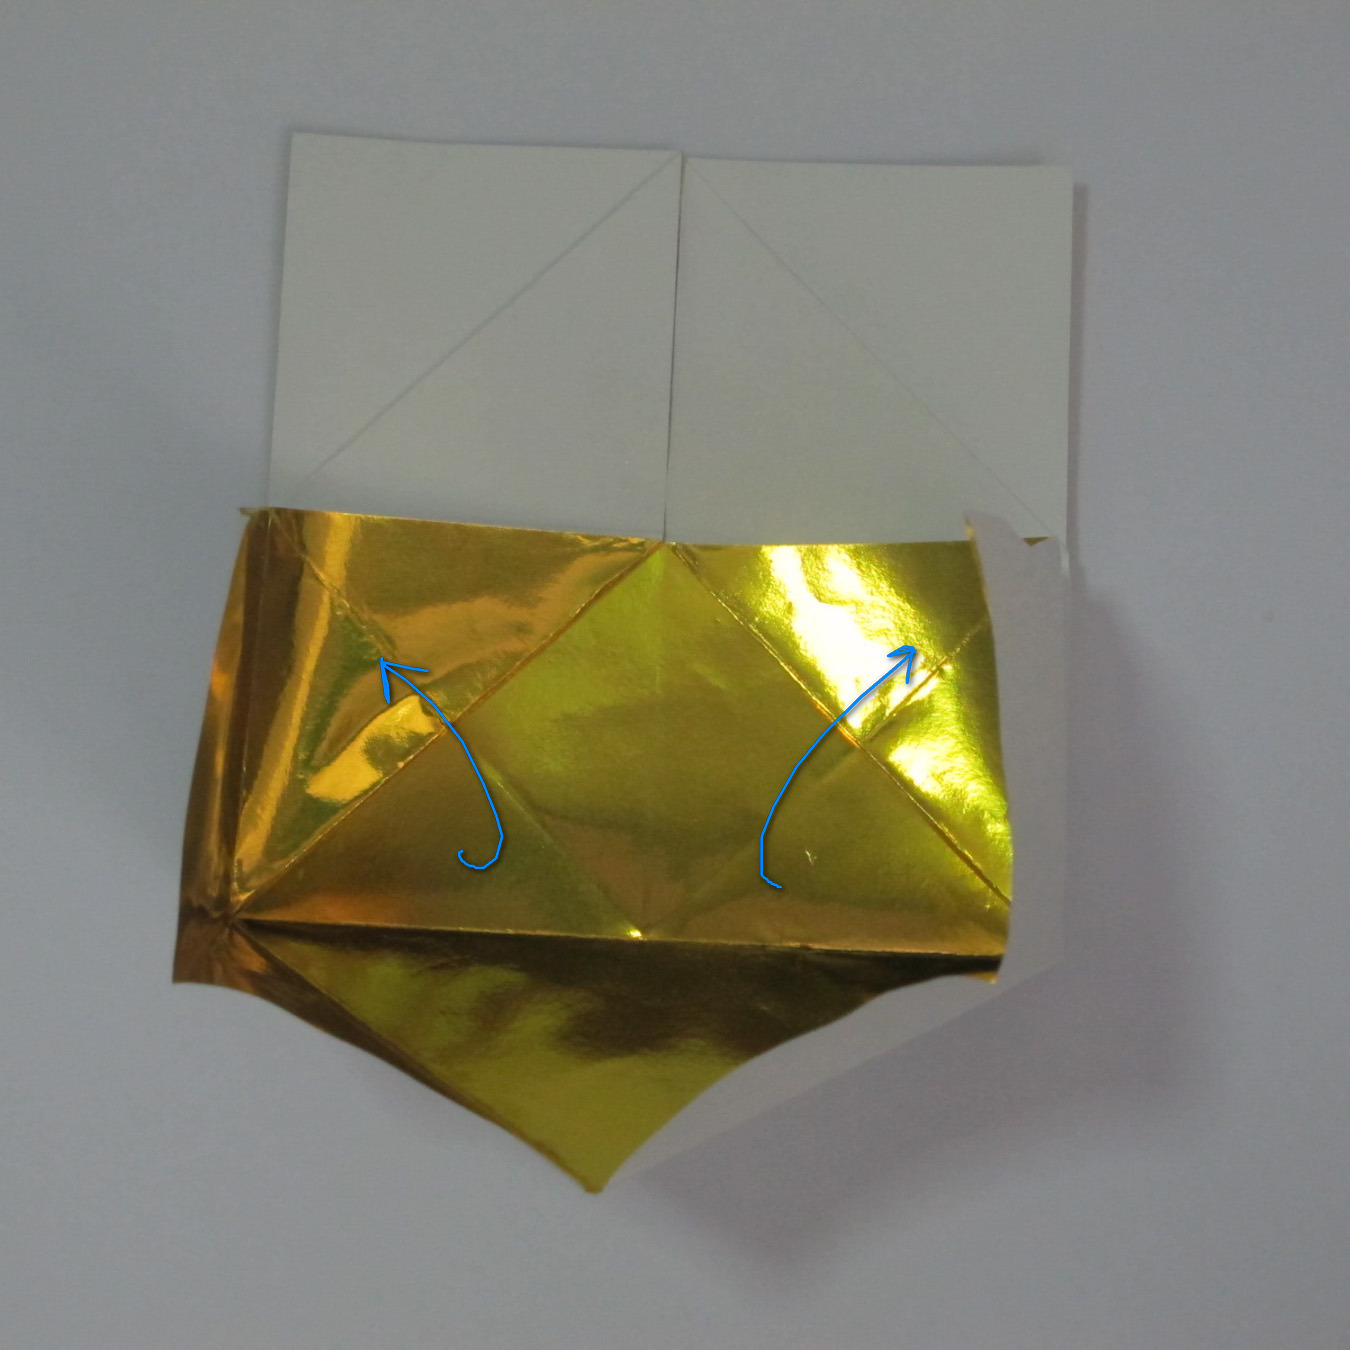 วิธีพับกระดาษเป็นรูปหัวใจติดปีก (Heart Wing Origami) 017